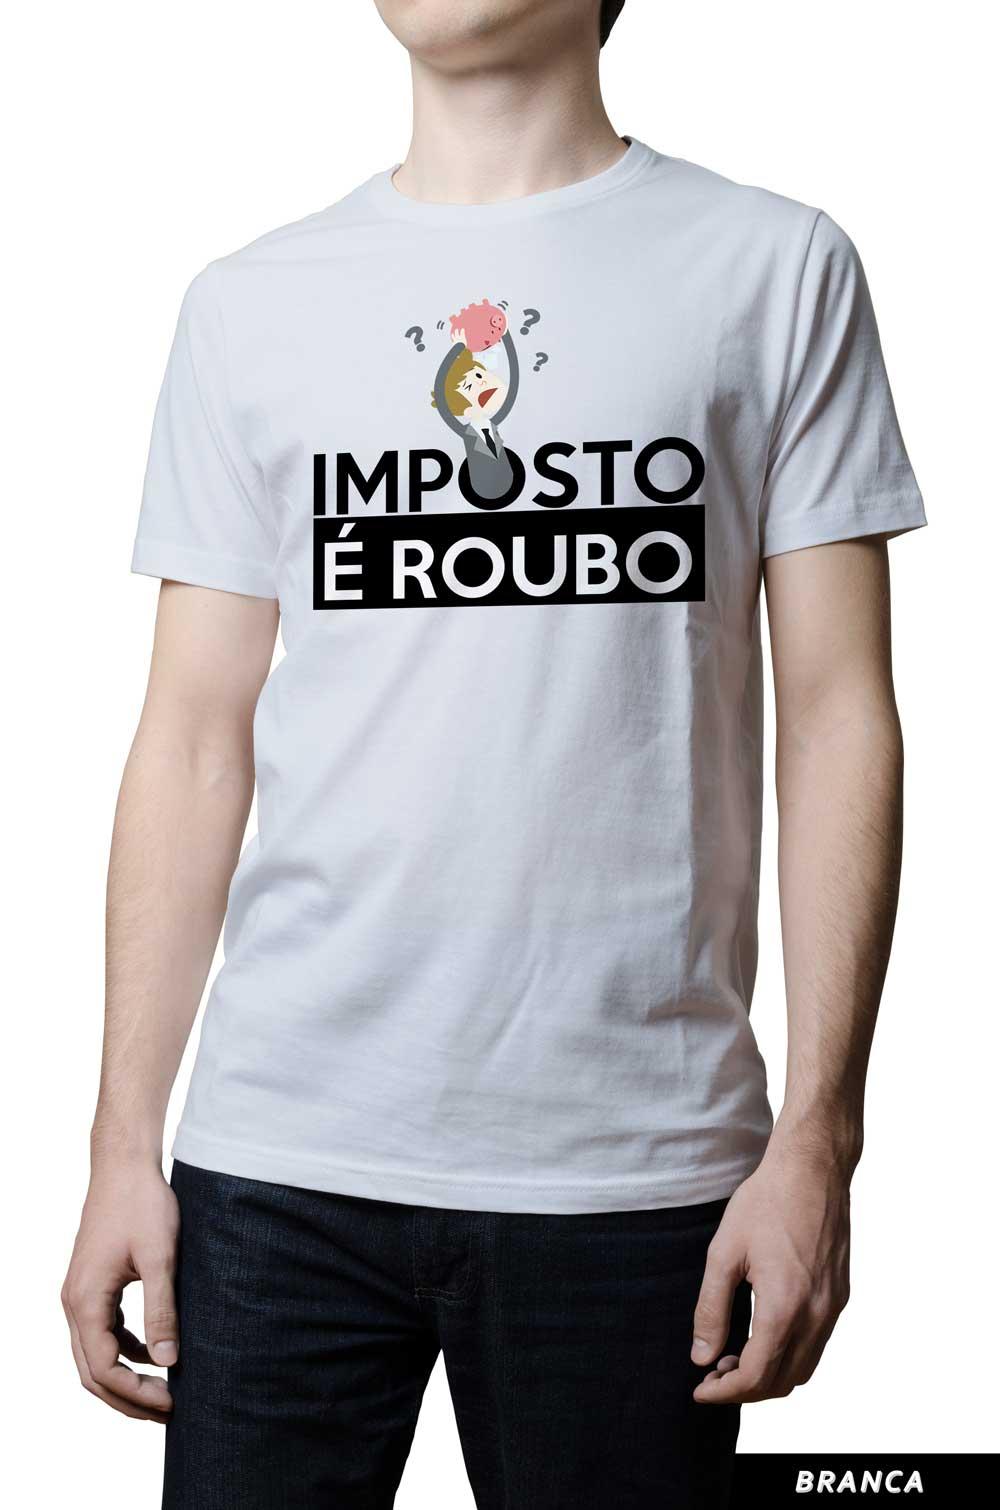 Camiseta - Imposto é Roubo - Cofrinho